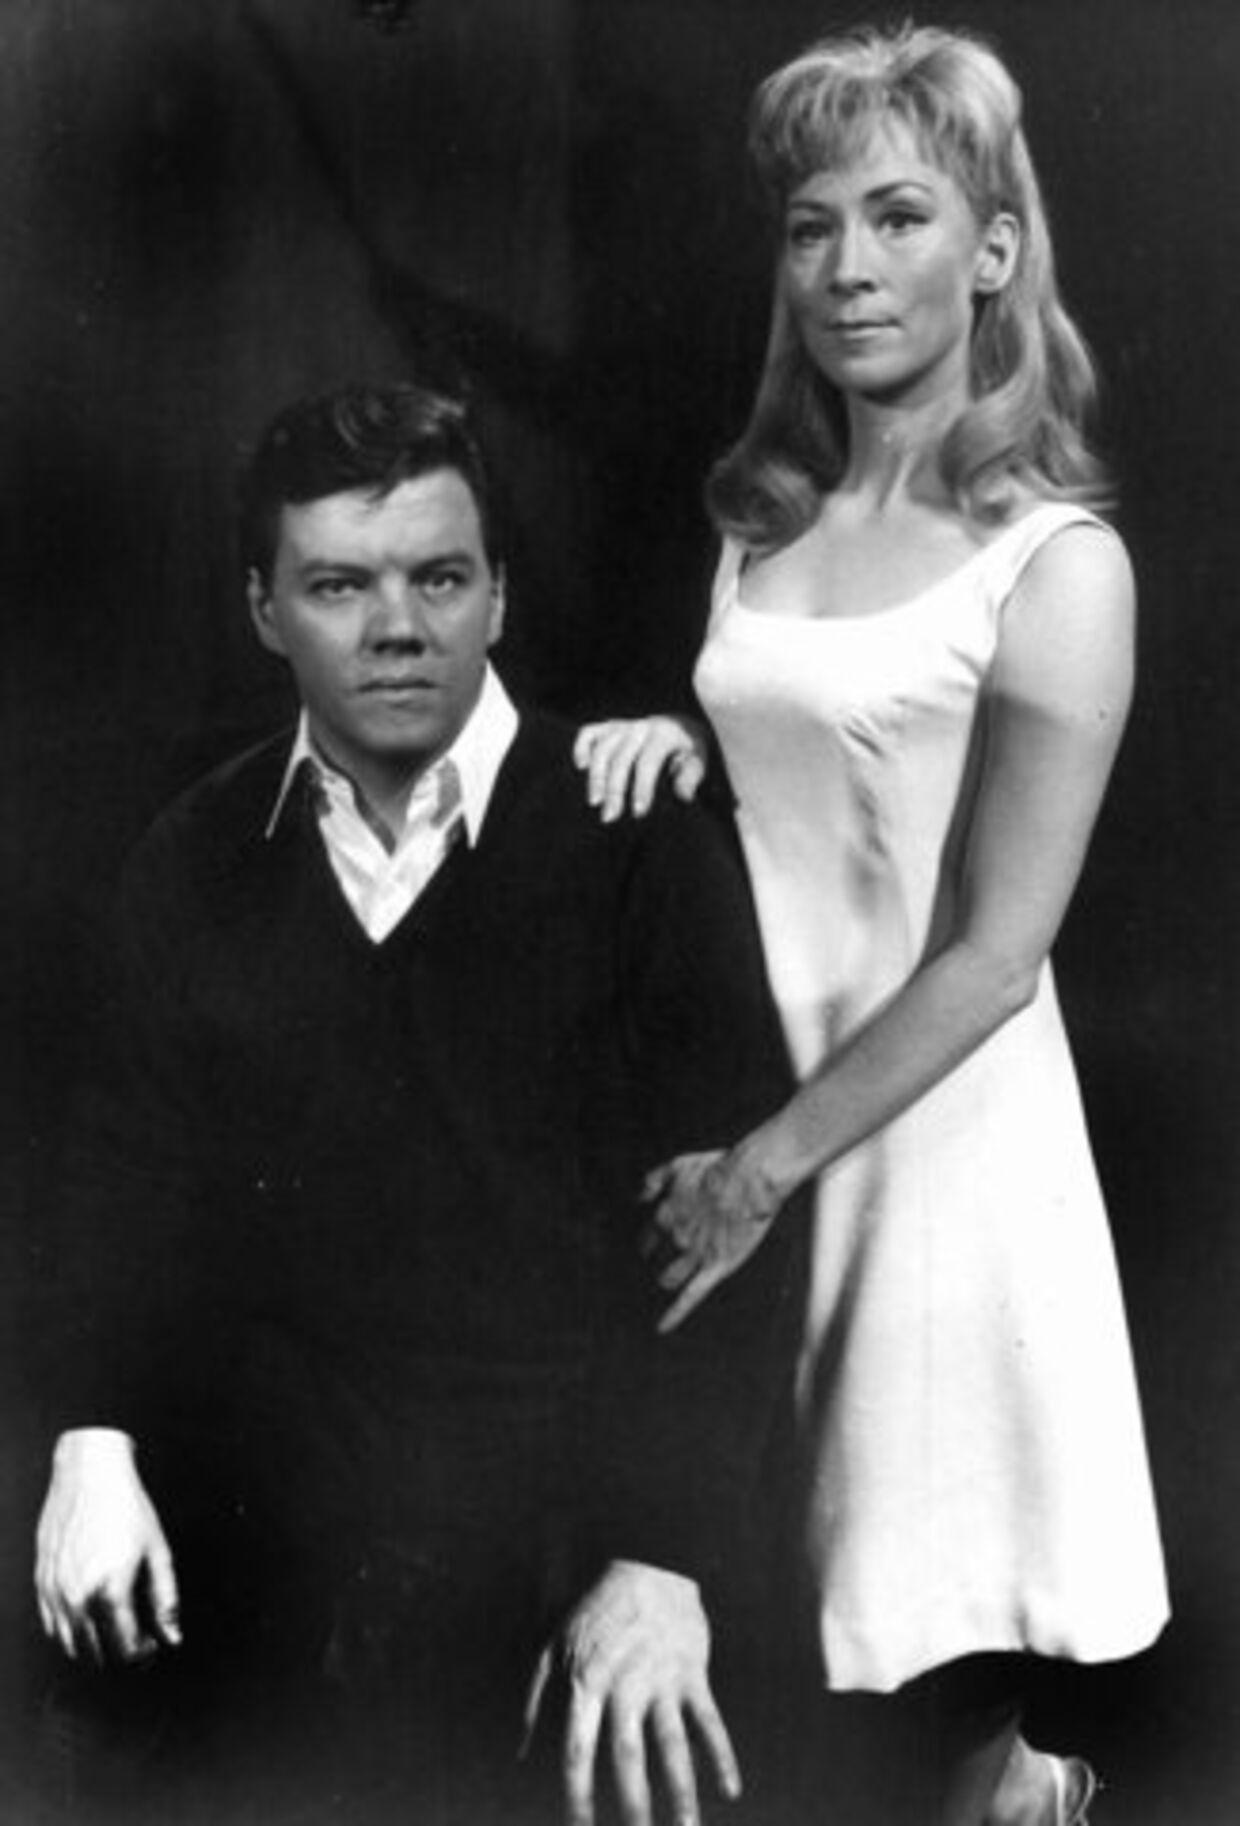 'Årh, det er min kære kone. Det er fra 'De fire årstider' på Det Ny Teater i 1967. Der havde vi allerede spillet sammen flere gange. Første gang vi var på scenen sammen var det virkelig guf for underholdningsbranchen. For Lily spillede min mor og det fik de meget ud af. Men vi havde det skønt.' Foto: Hakon Nielsen